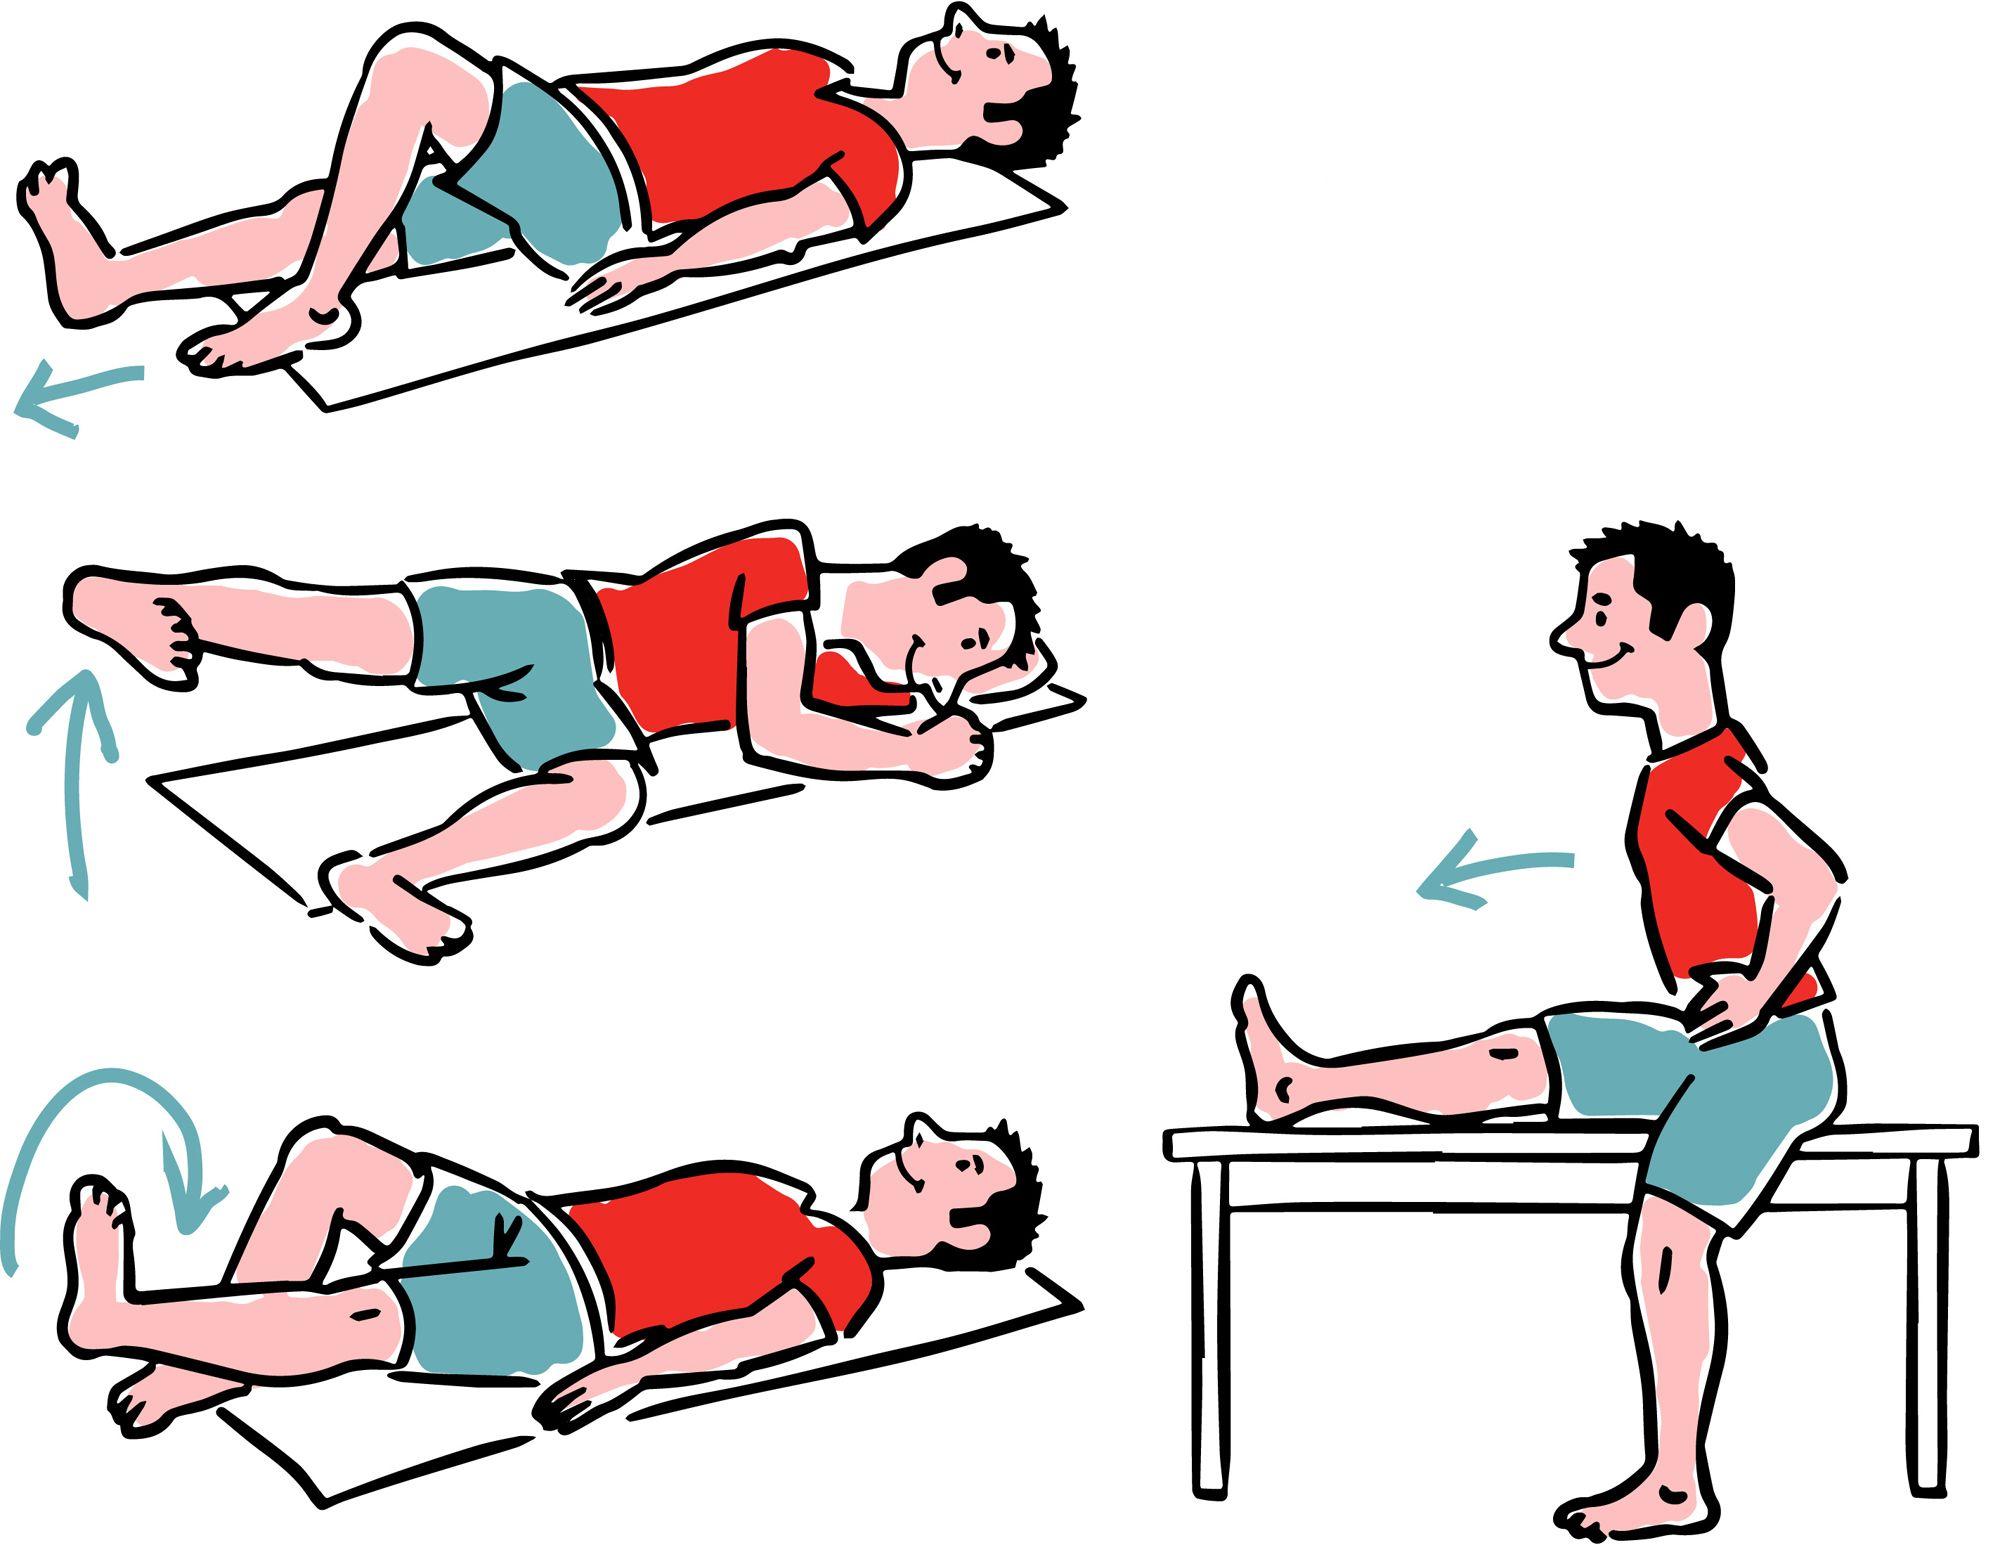 ćwiczenia staw kolanowy 2